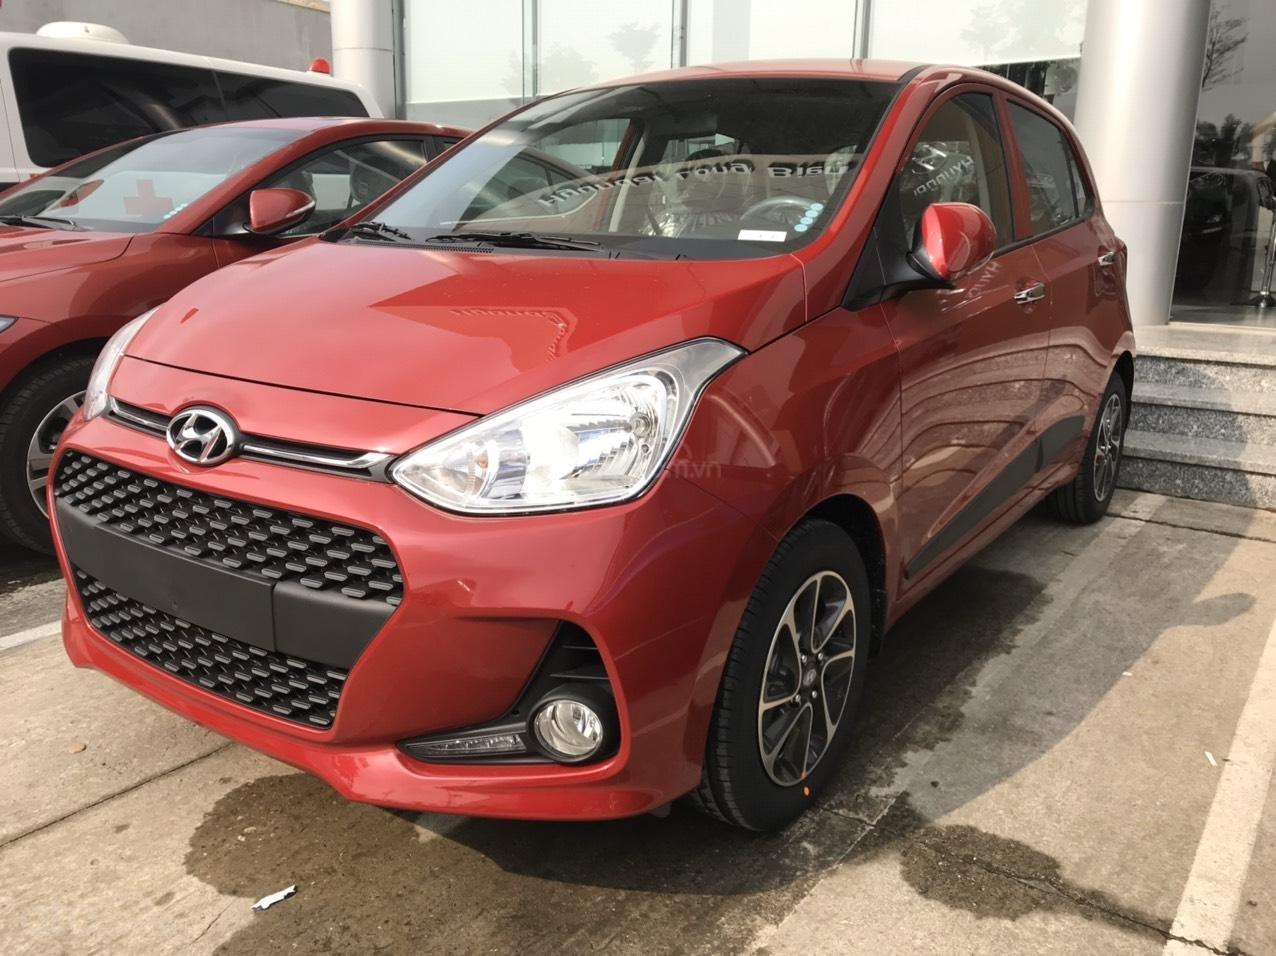 Cần bán Hyundai Grand i10 đời 2020, màu đỏ, xe mới 100%, sx trong nước, hỗ trợ trả góp tới 80% (1)